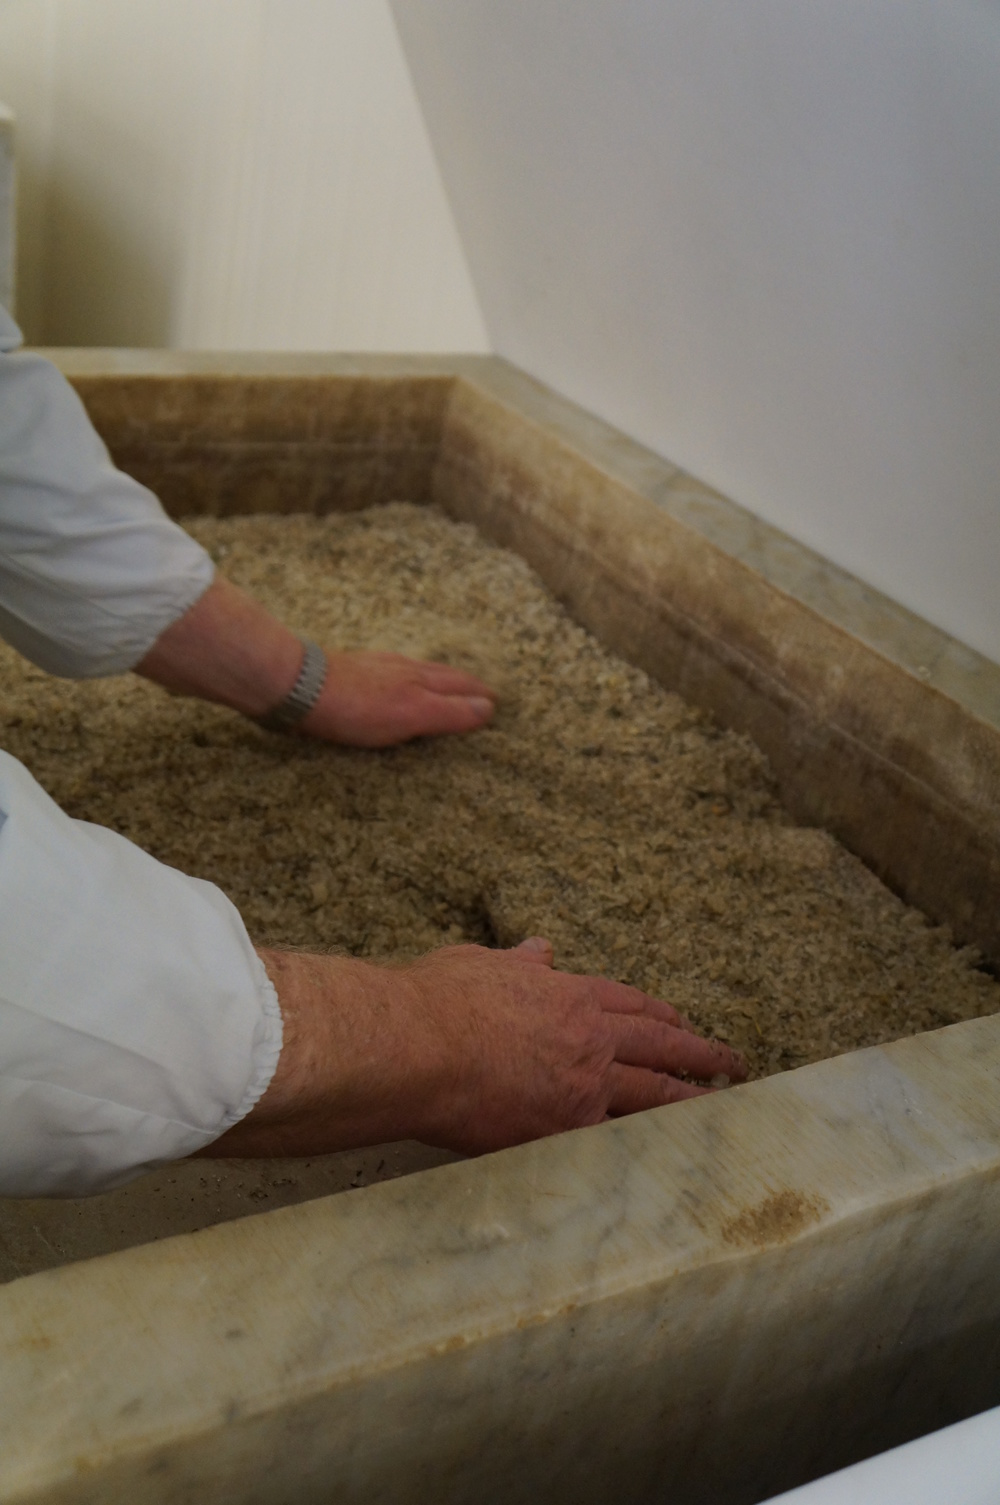 Las piezas se masajean con sal marina, especias, hierbas y ajo; luego van a sus camas de mármol, con un colchón de sal, más especias y hierbas, por unos 6 meses.